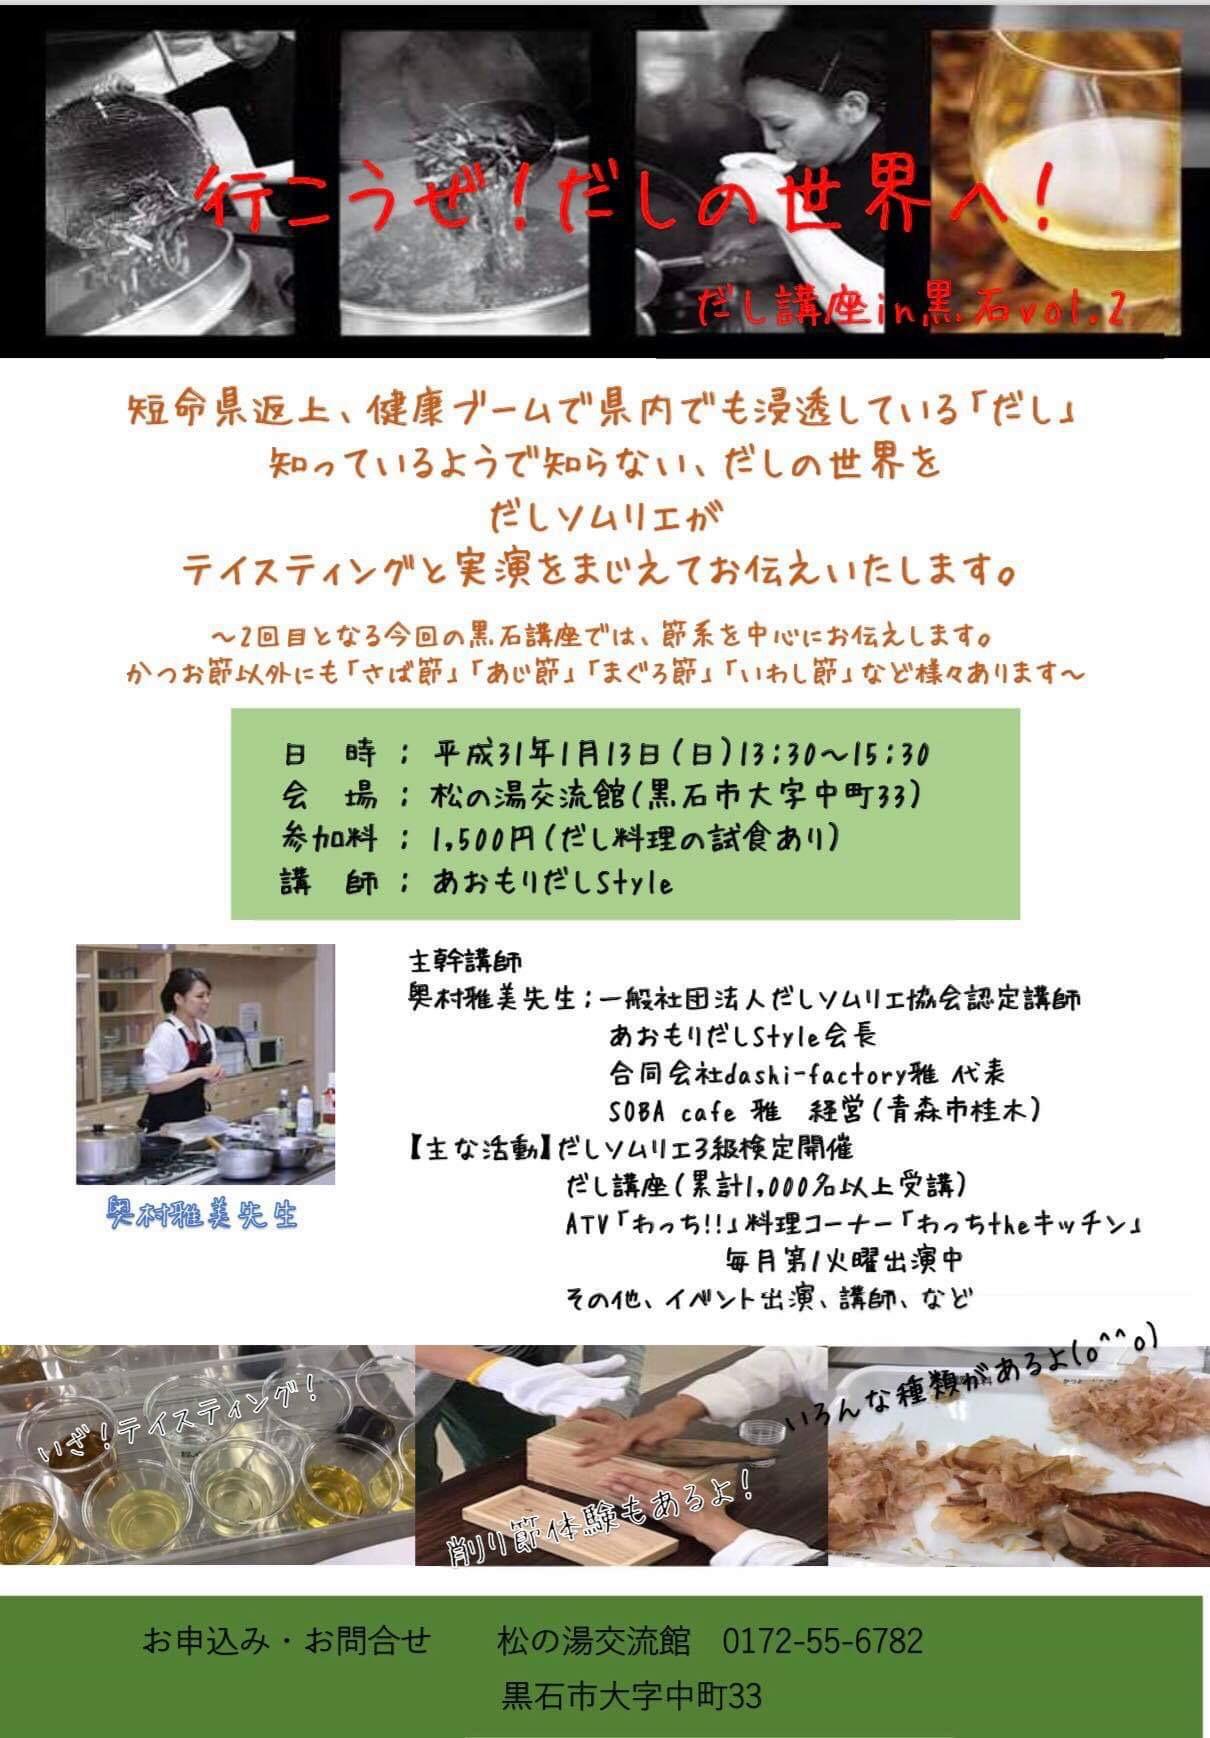 1月13日(日)だし講座 in 黒石 vol.2